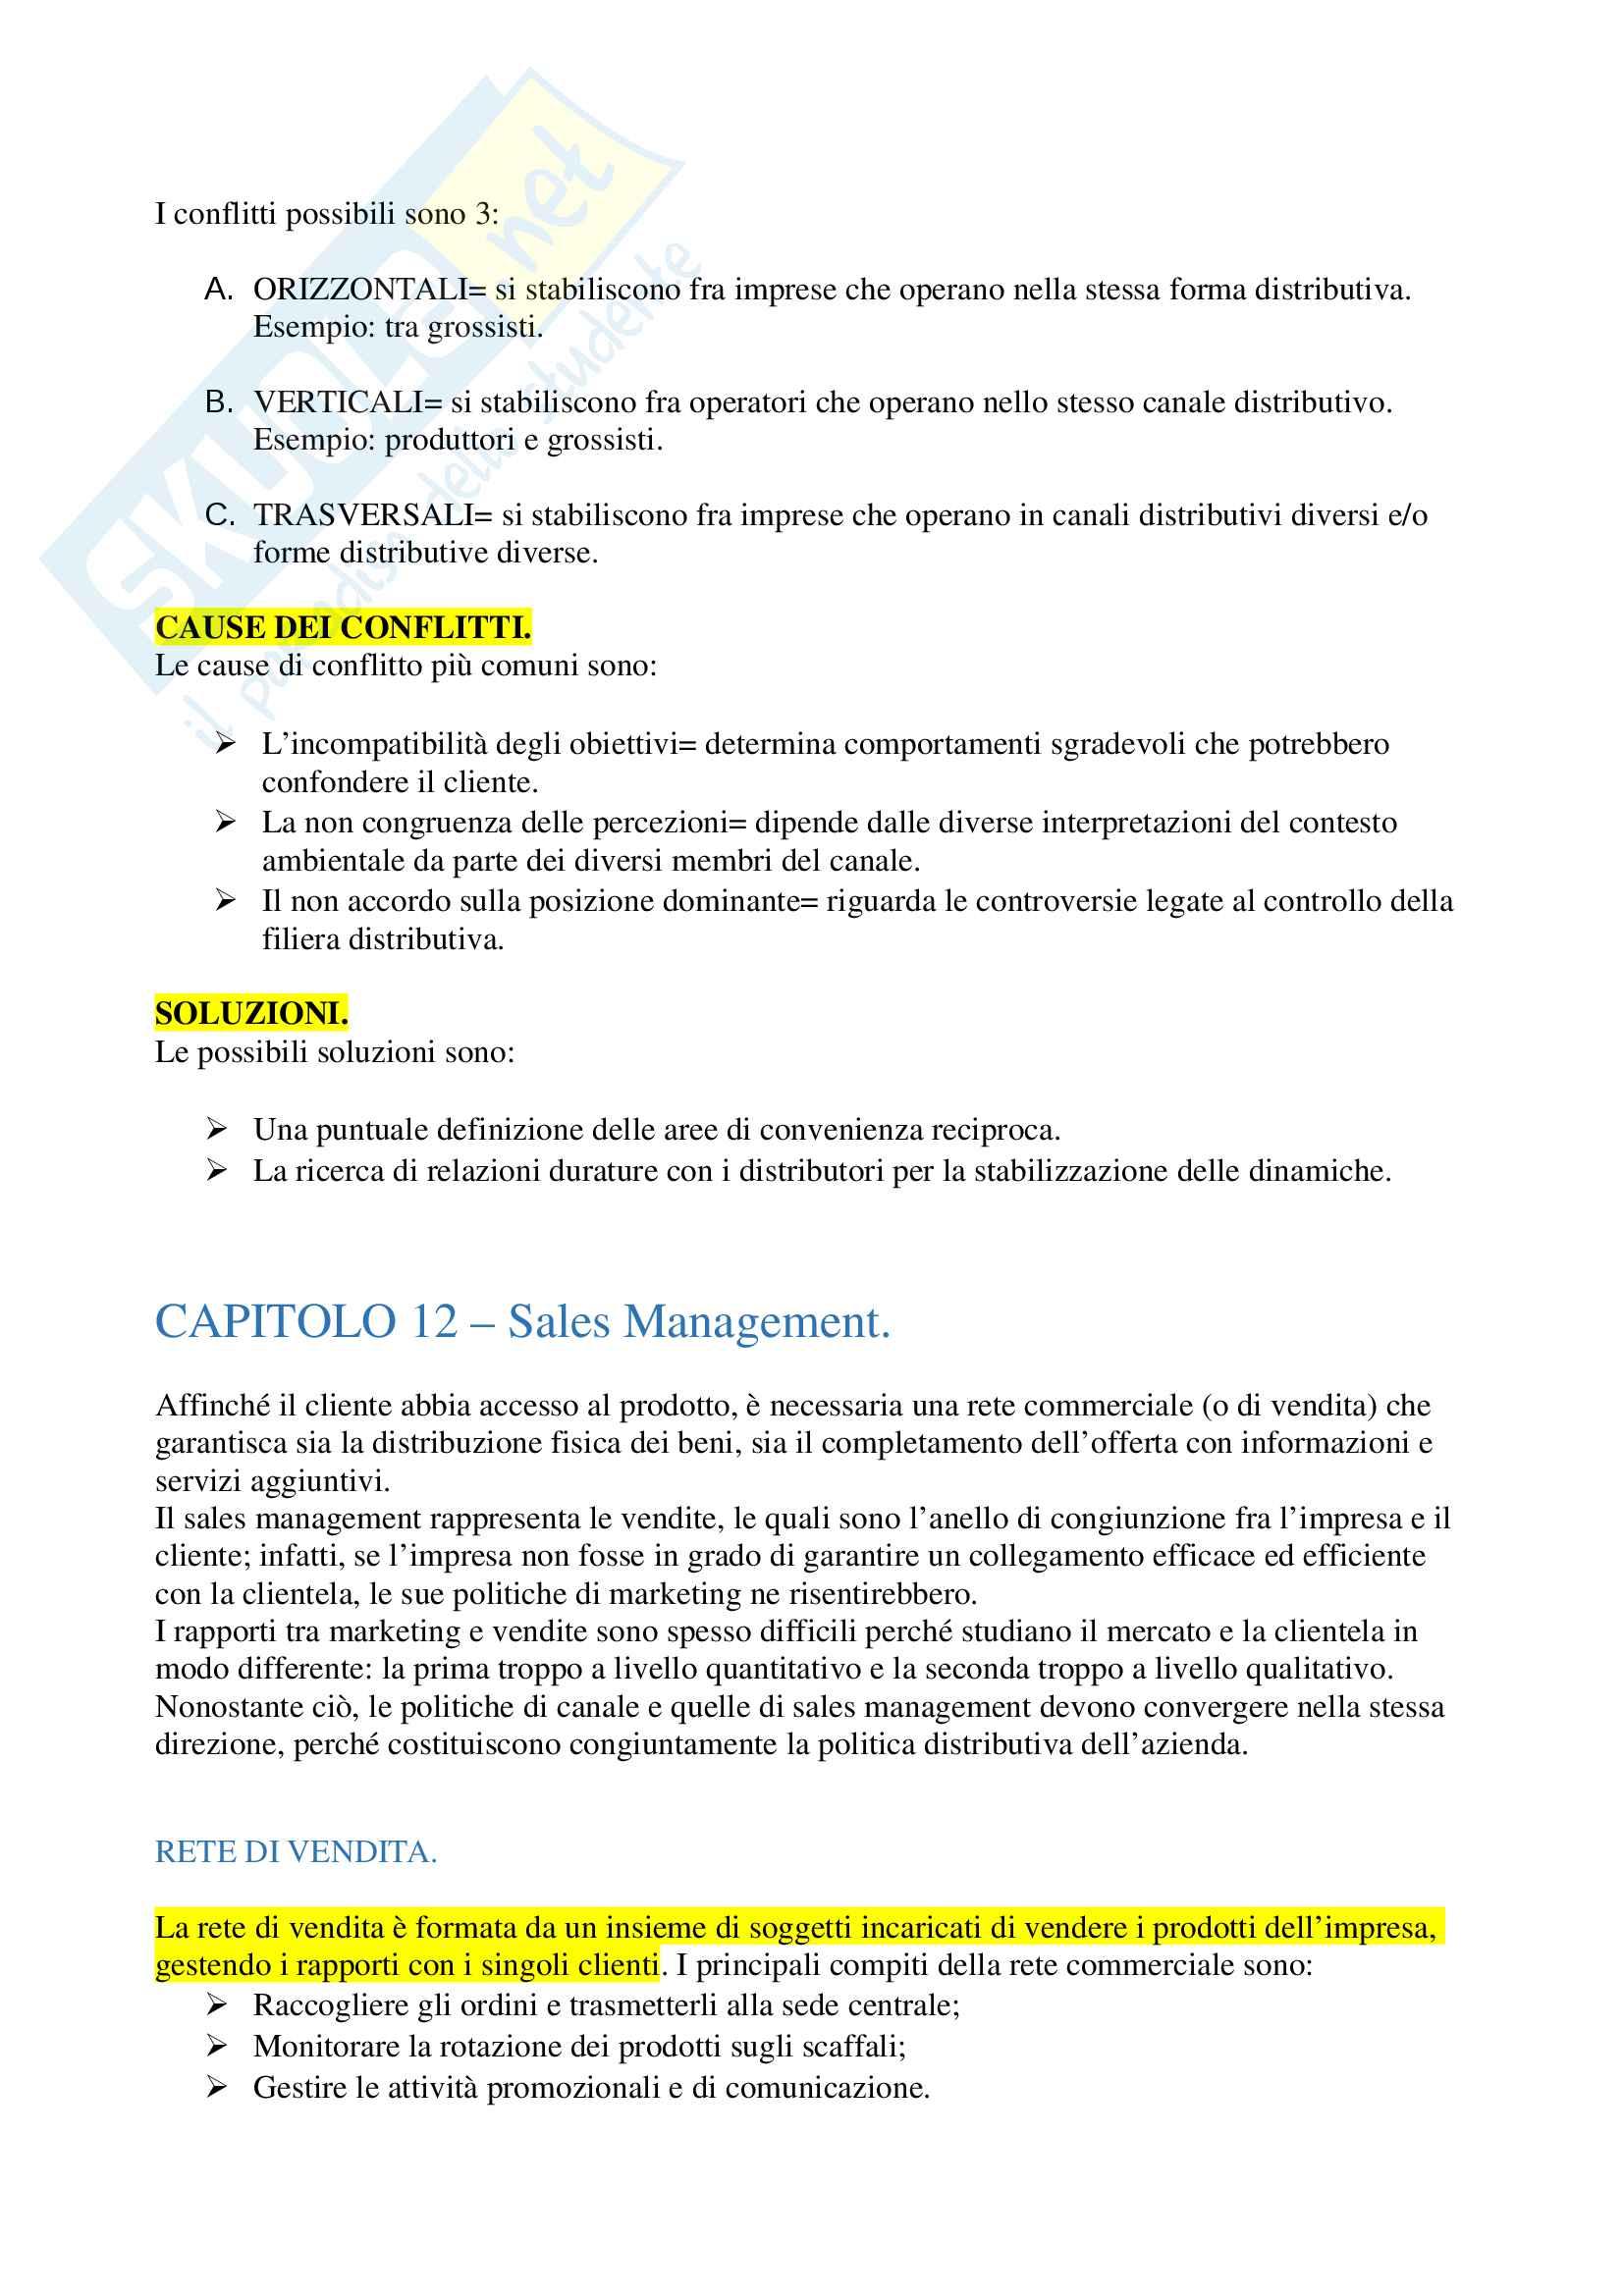 Riassunto esame Marketing Pag. 36